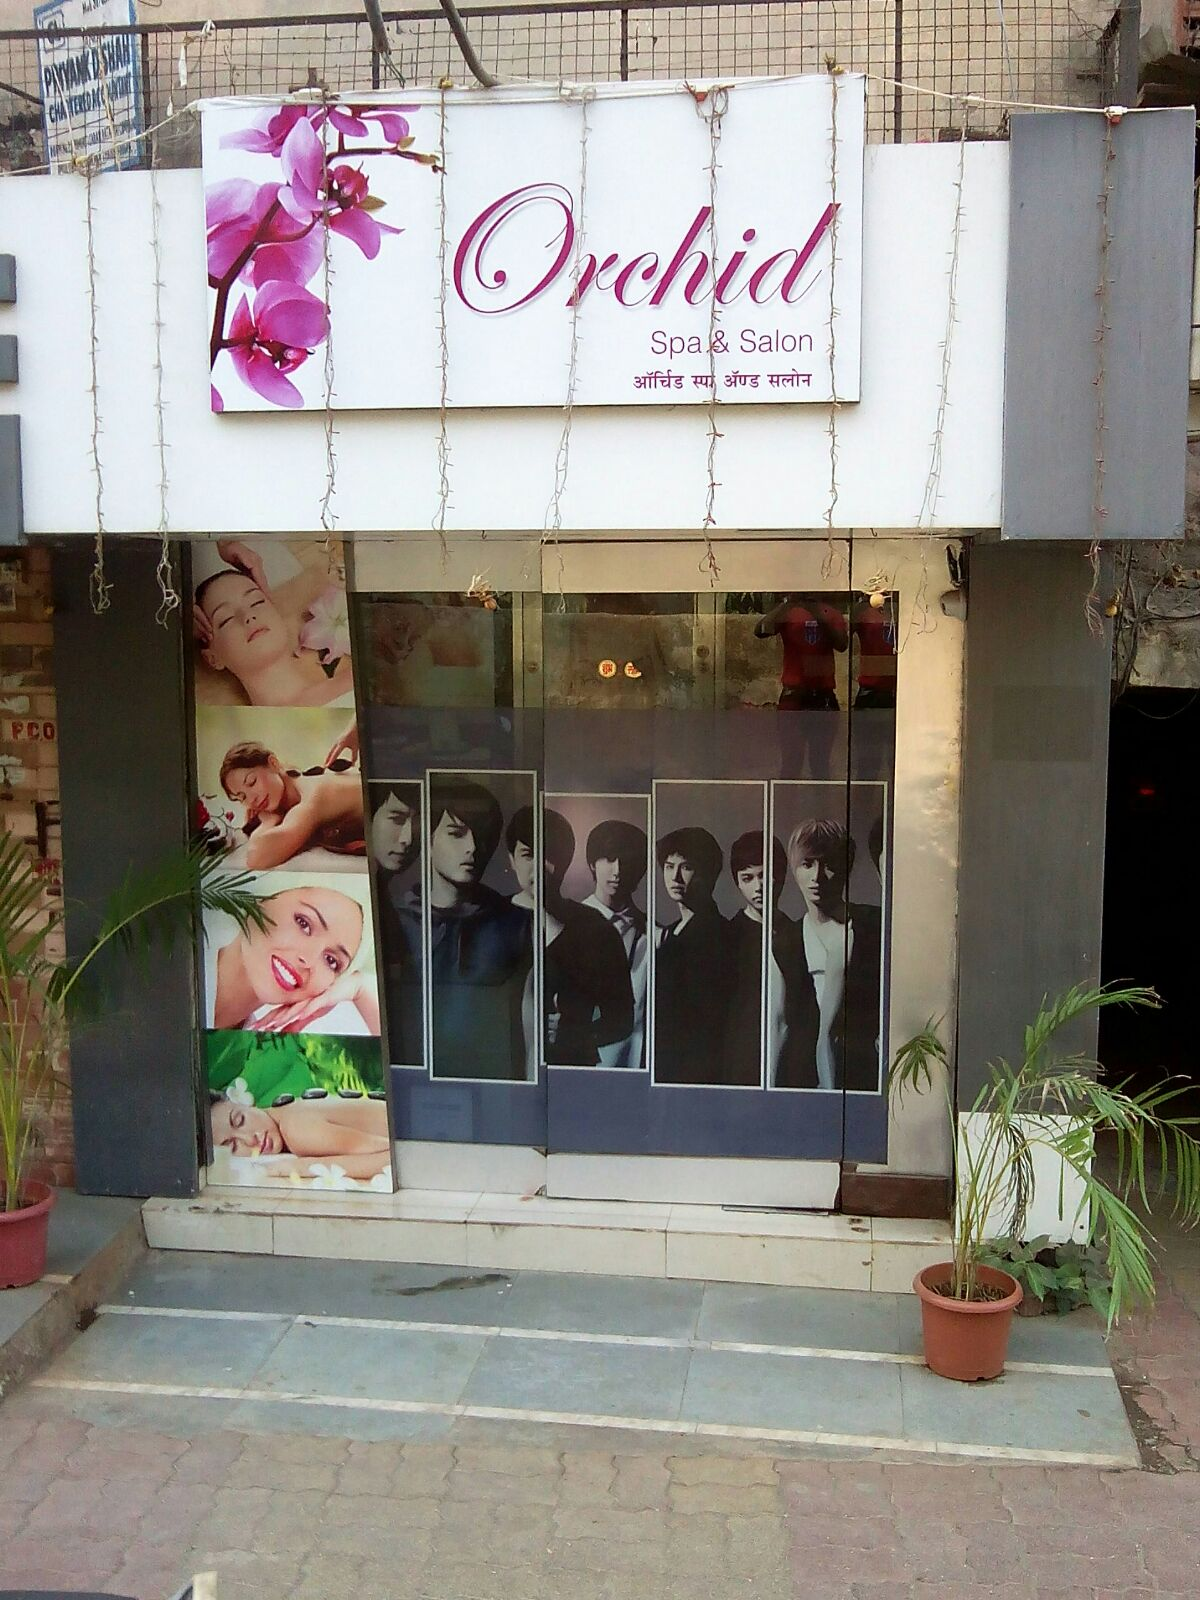 Orchid Spas & Salon